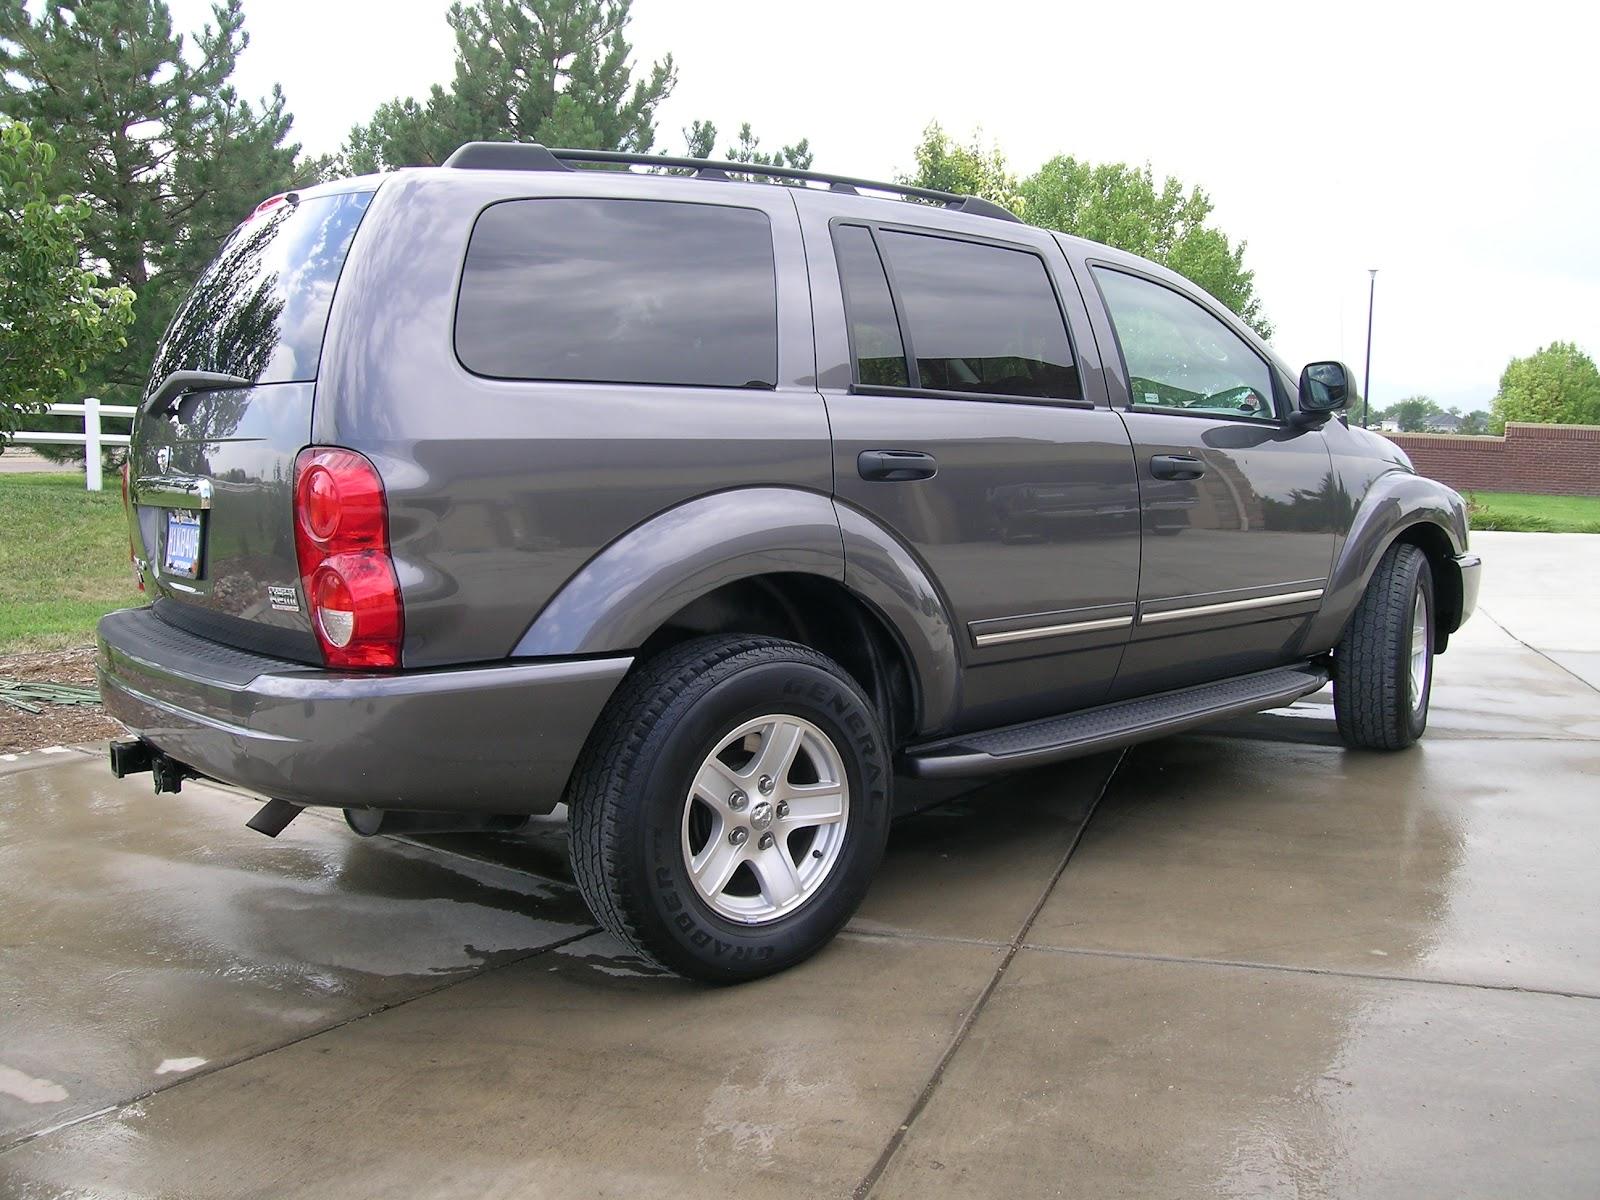 Streets Of Denver 2004 Dodge Durango Limited